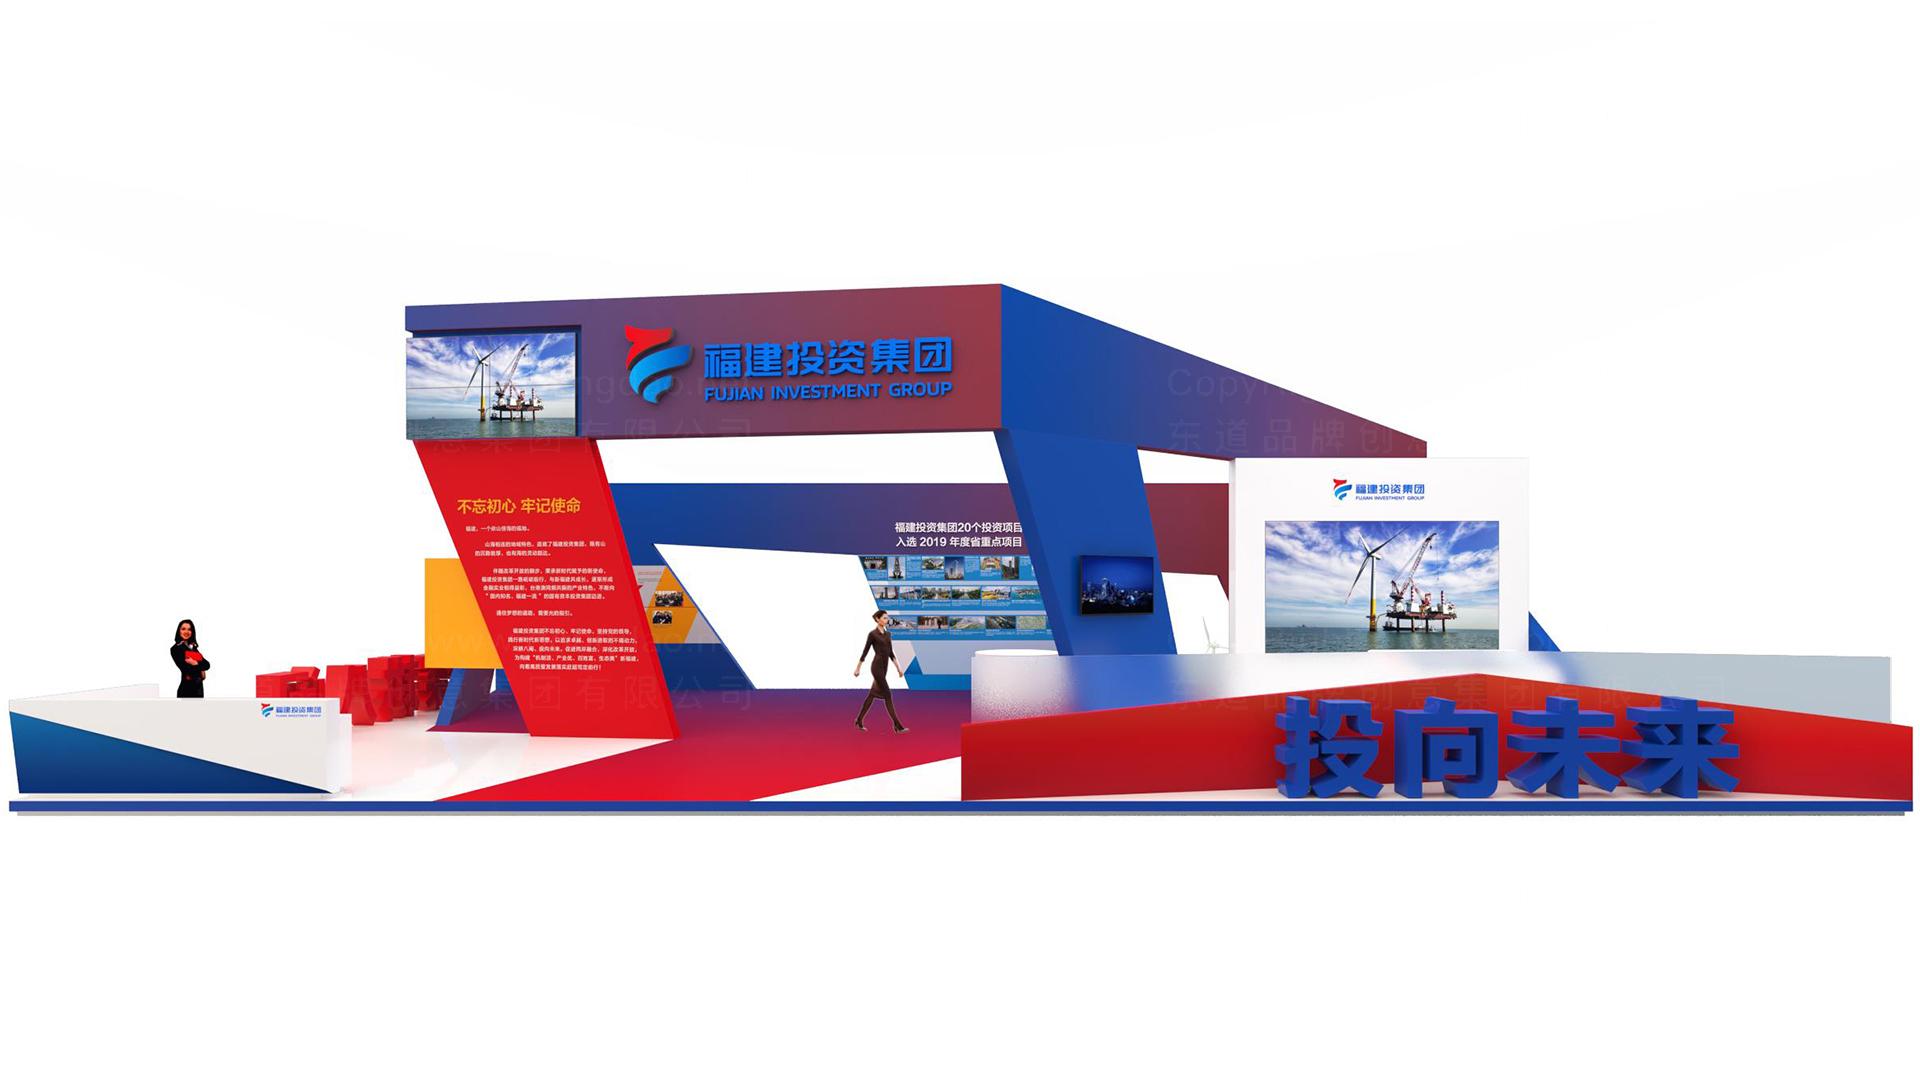 海峡金桥展馆设计应用